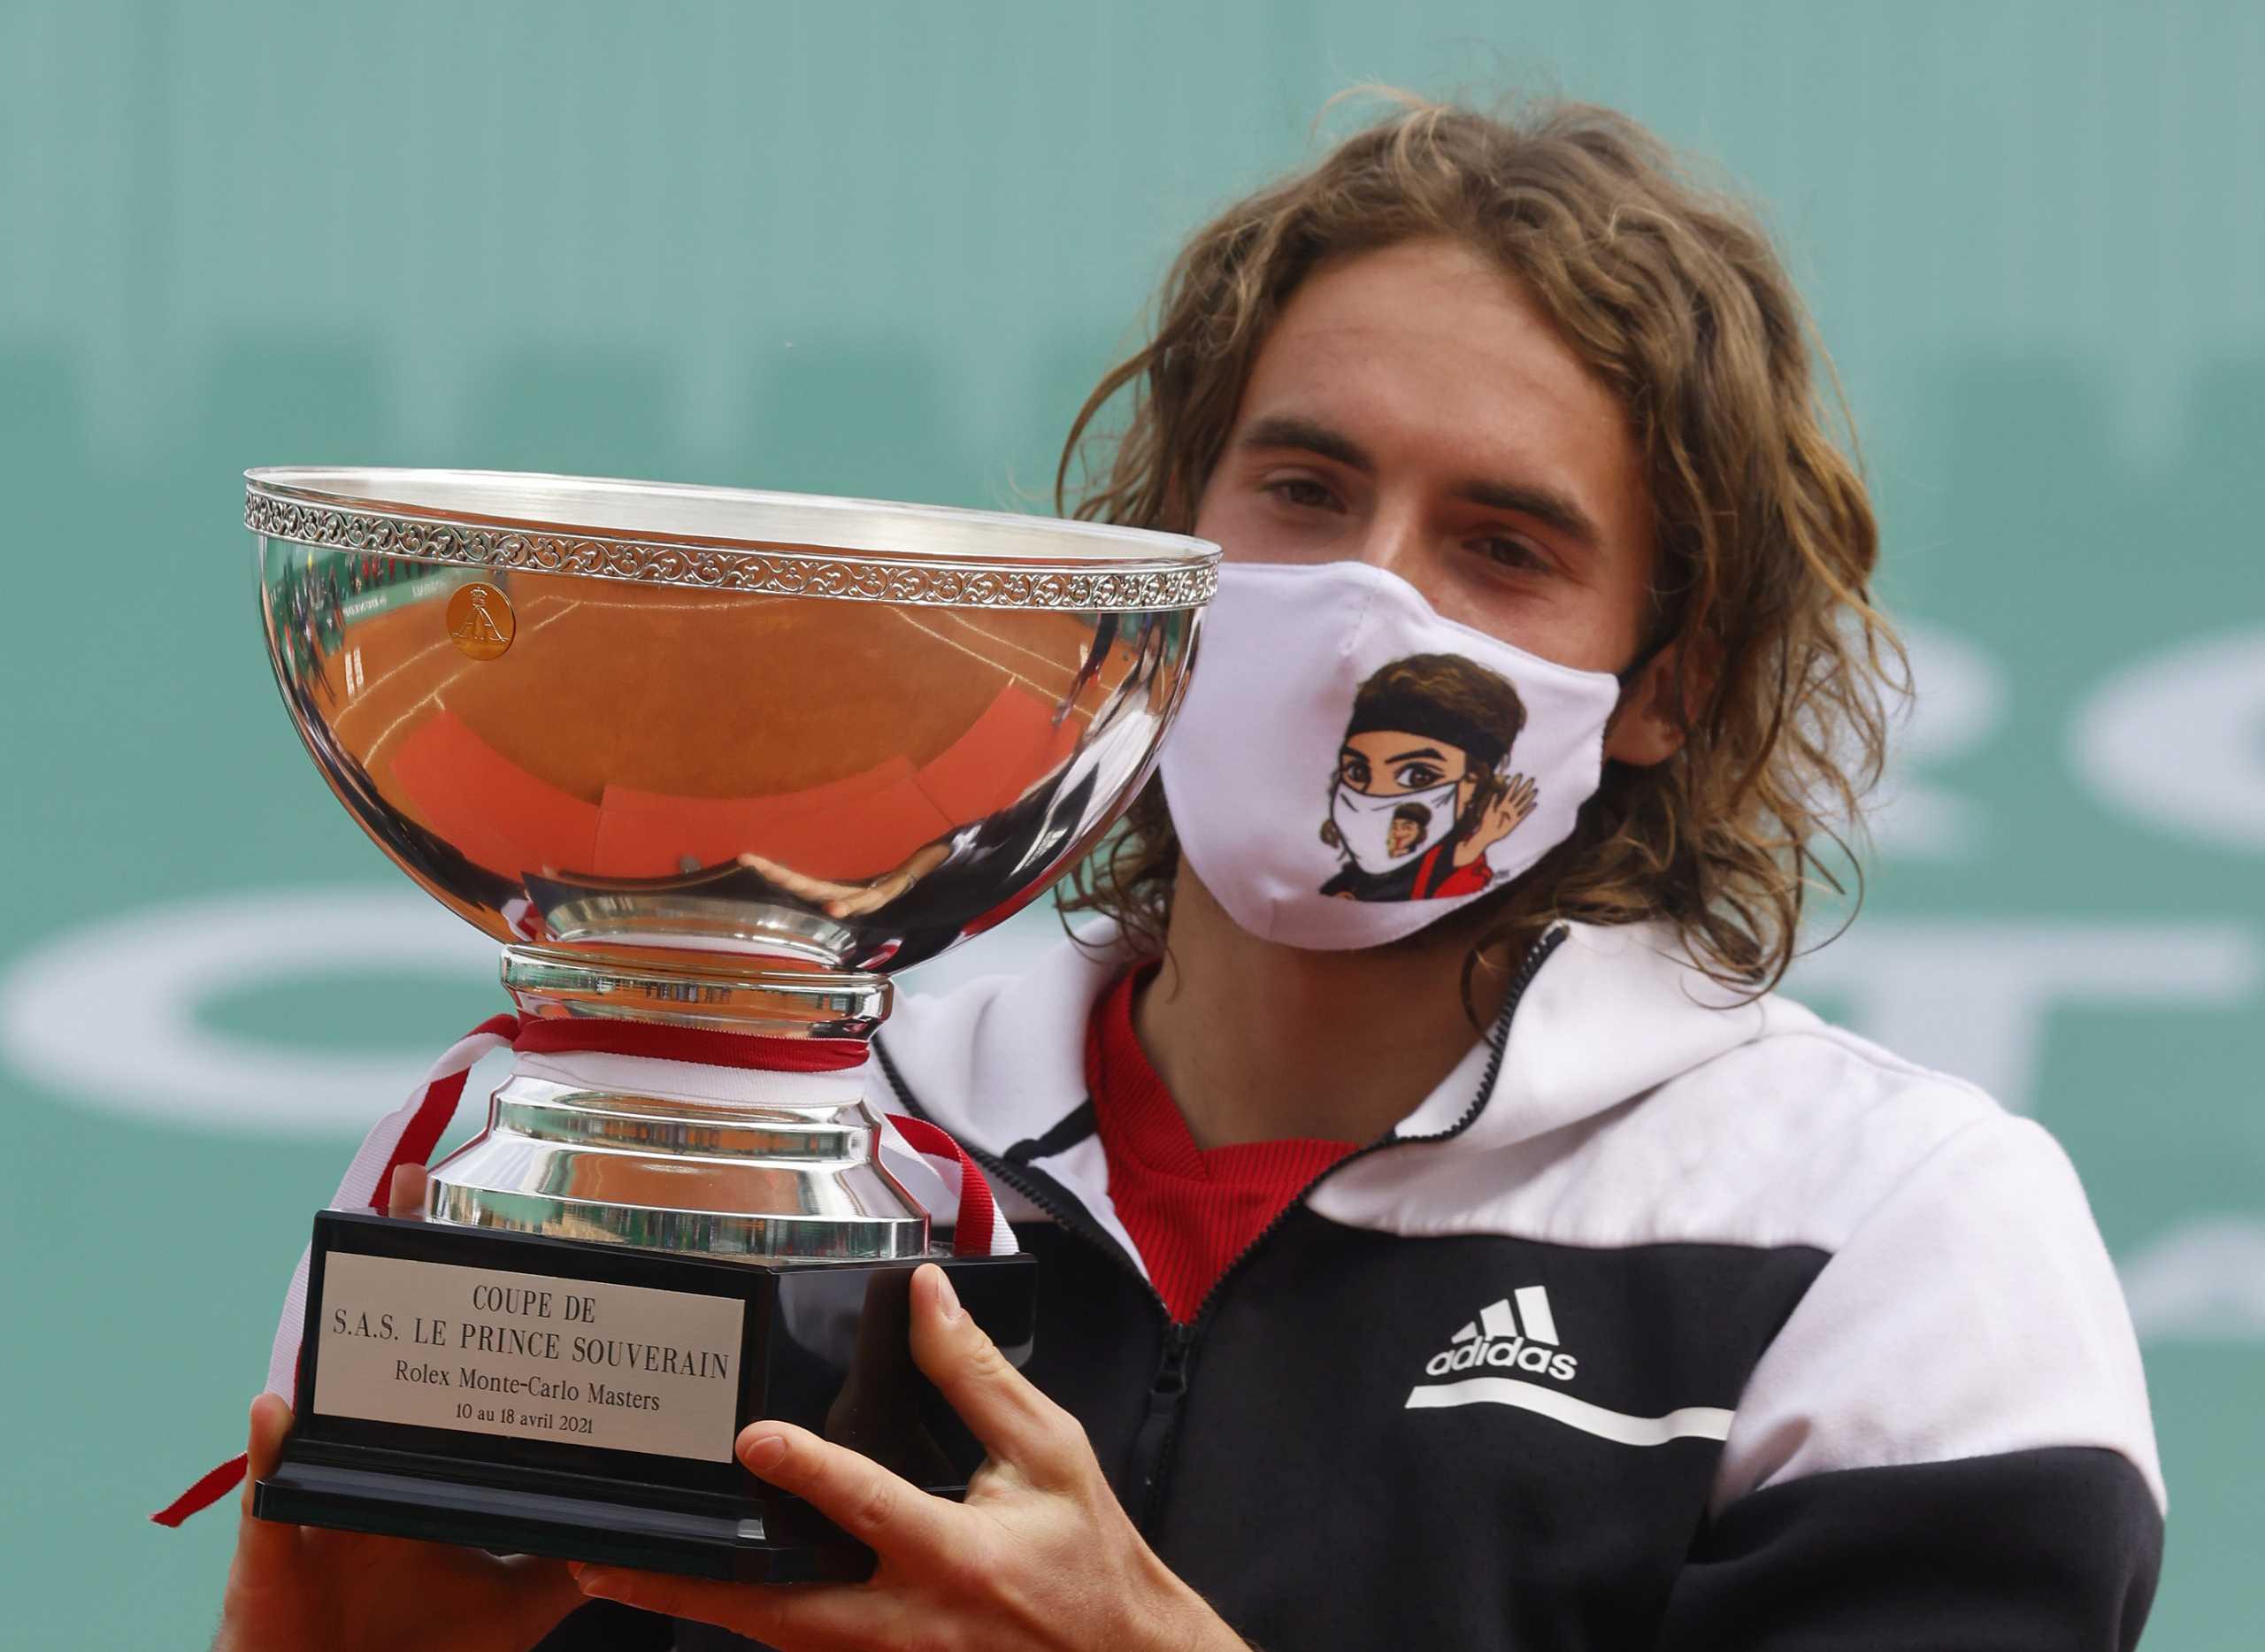 Στέφανος Τσιτσιπάς: Το απίστευτο ποσό που έχει βγάλει από το τένις